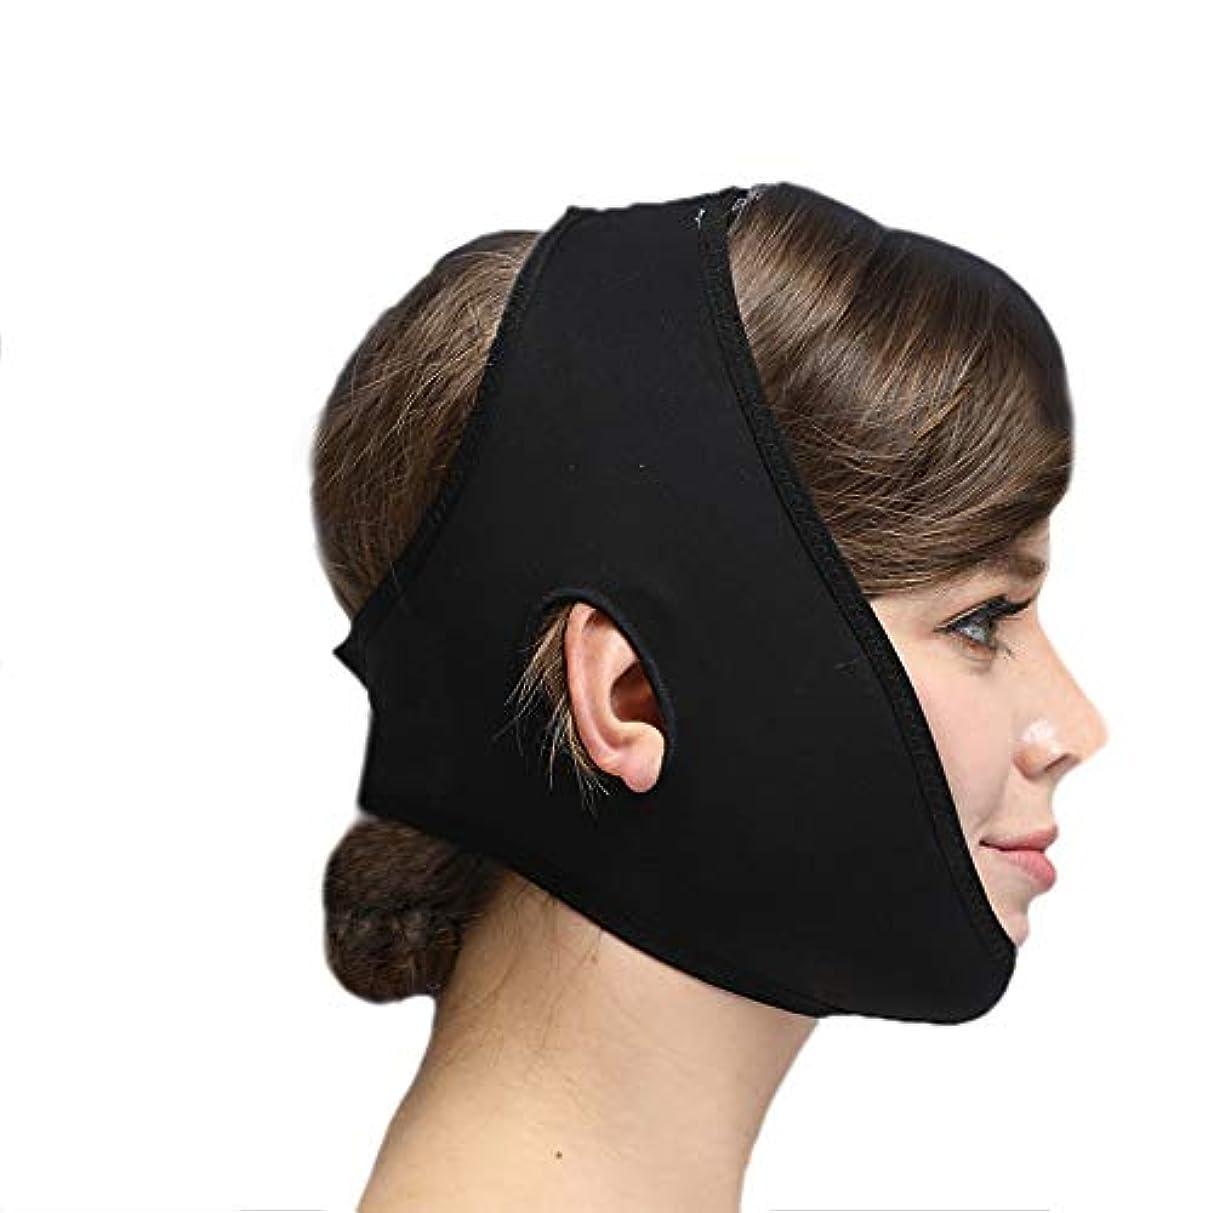 切り離すテンポうなずくXHLMRMJ 顔の痩身マスク、快適で通気性のある、顔面の持ち上がることおよび輪郭を描くことで、堅さの向上、引き締まることおよび顔を持ち上げること (Color : Black2, Size : L)